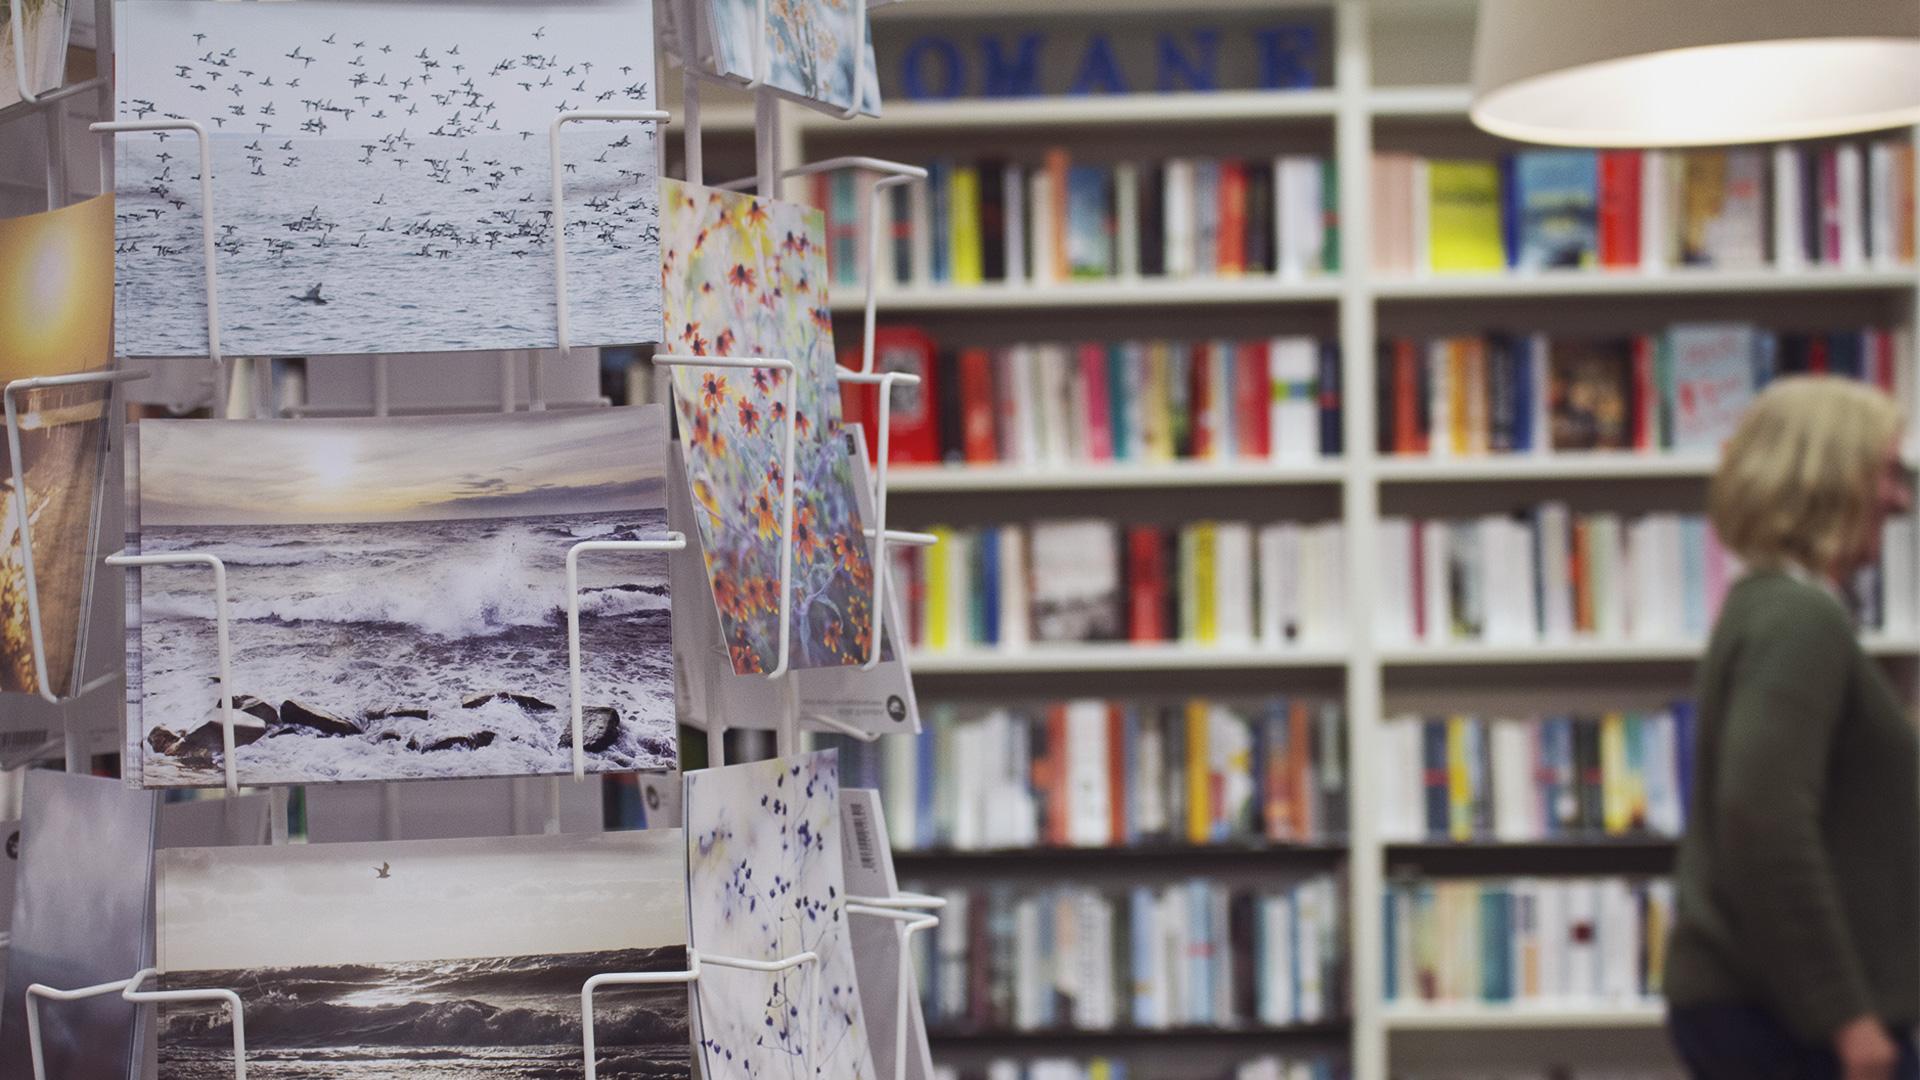 Links im Vordergrund sieht man einen Postkartenständer mit herbstlichen pastellfarbenen Postkarten und im Hintergrund eine Bücherwand